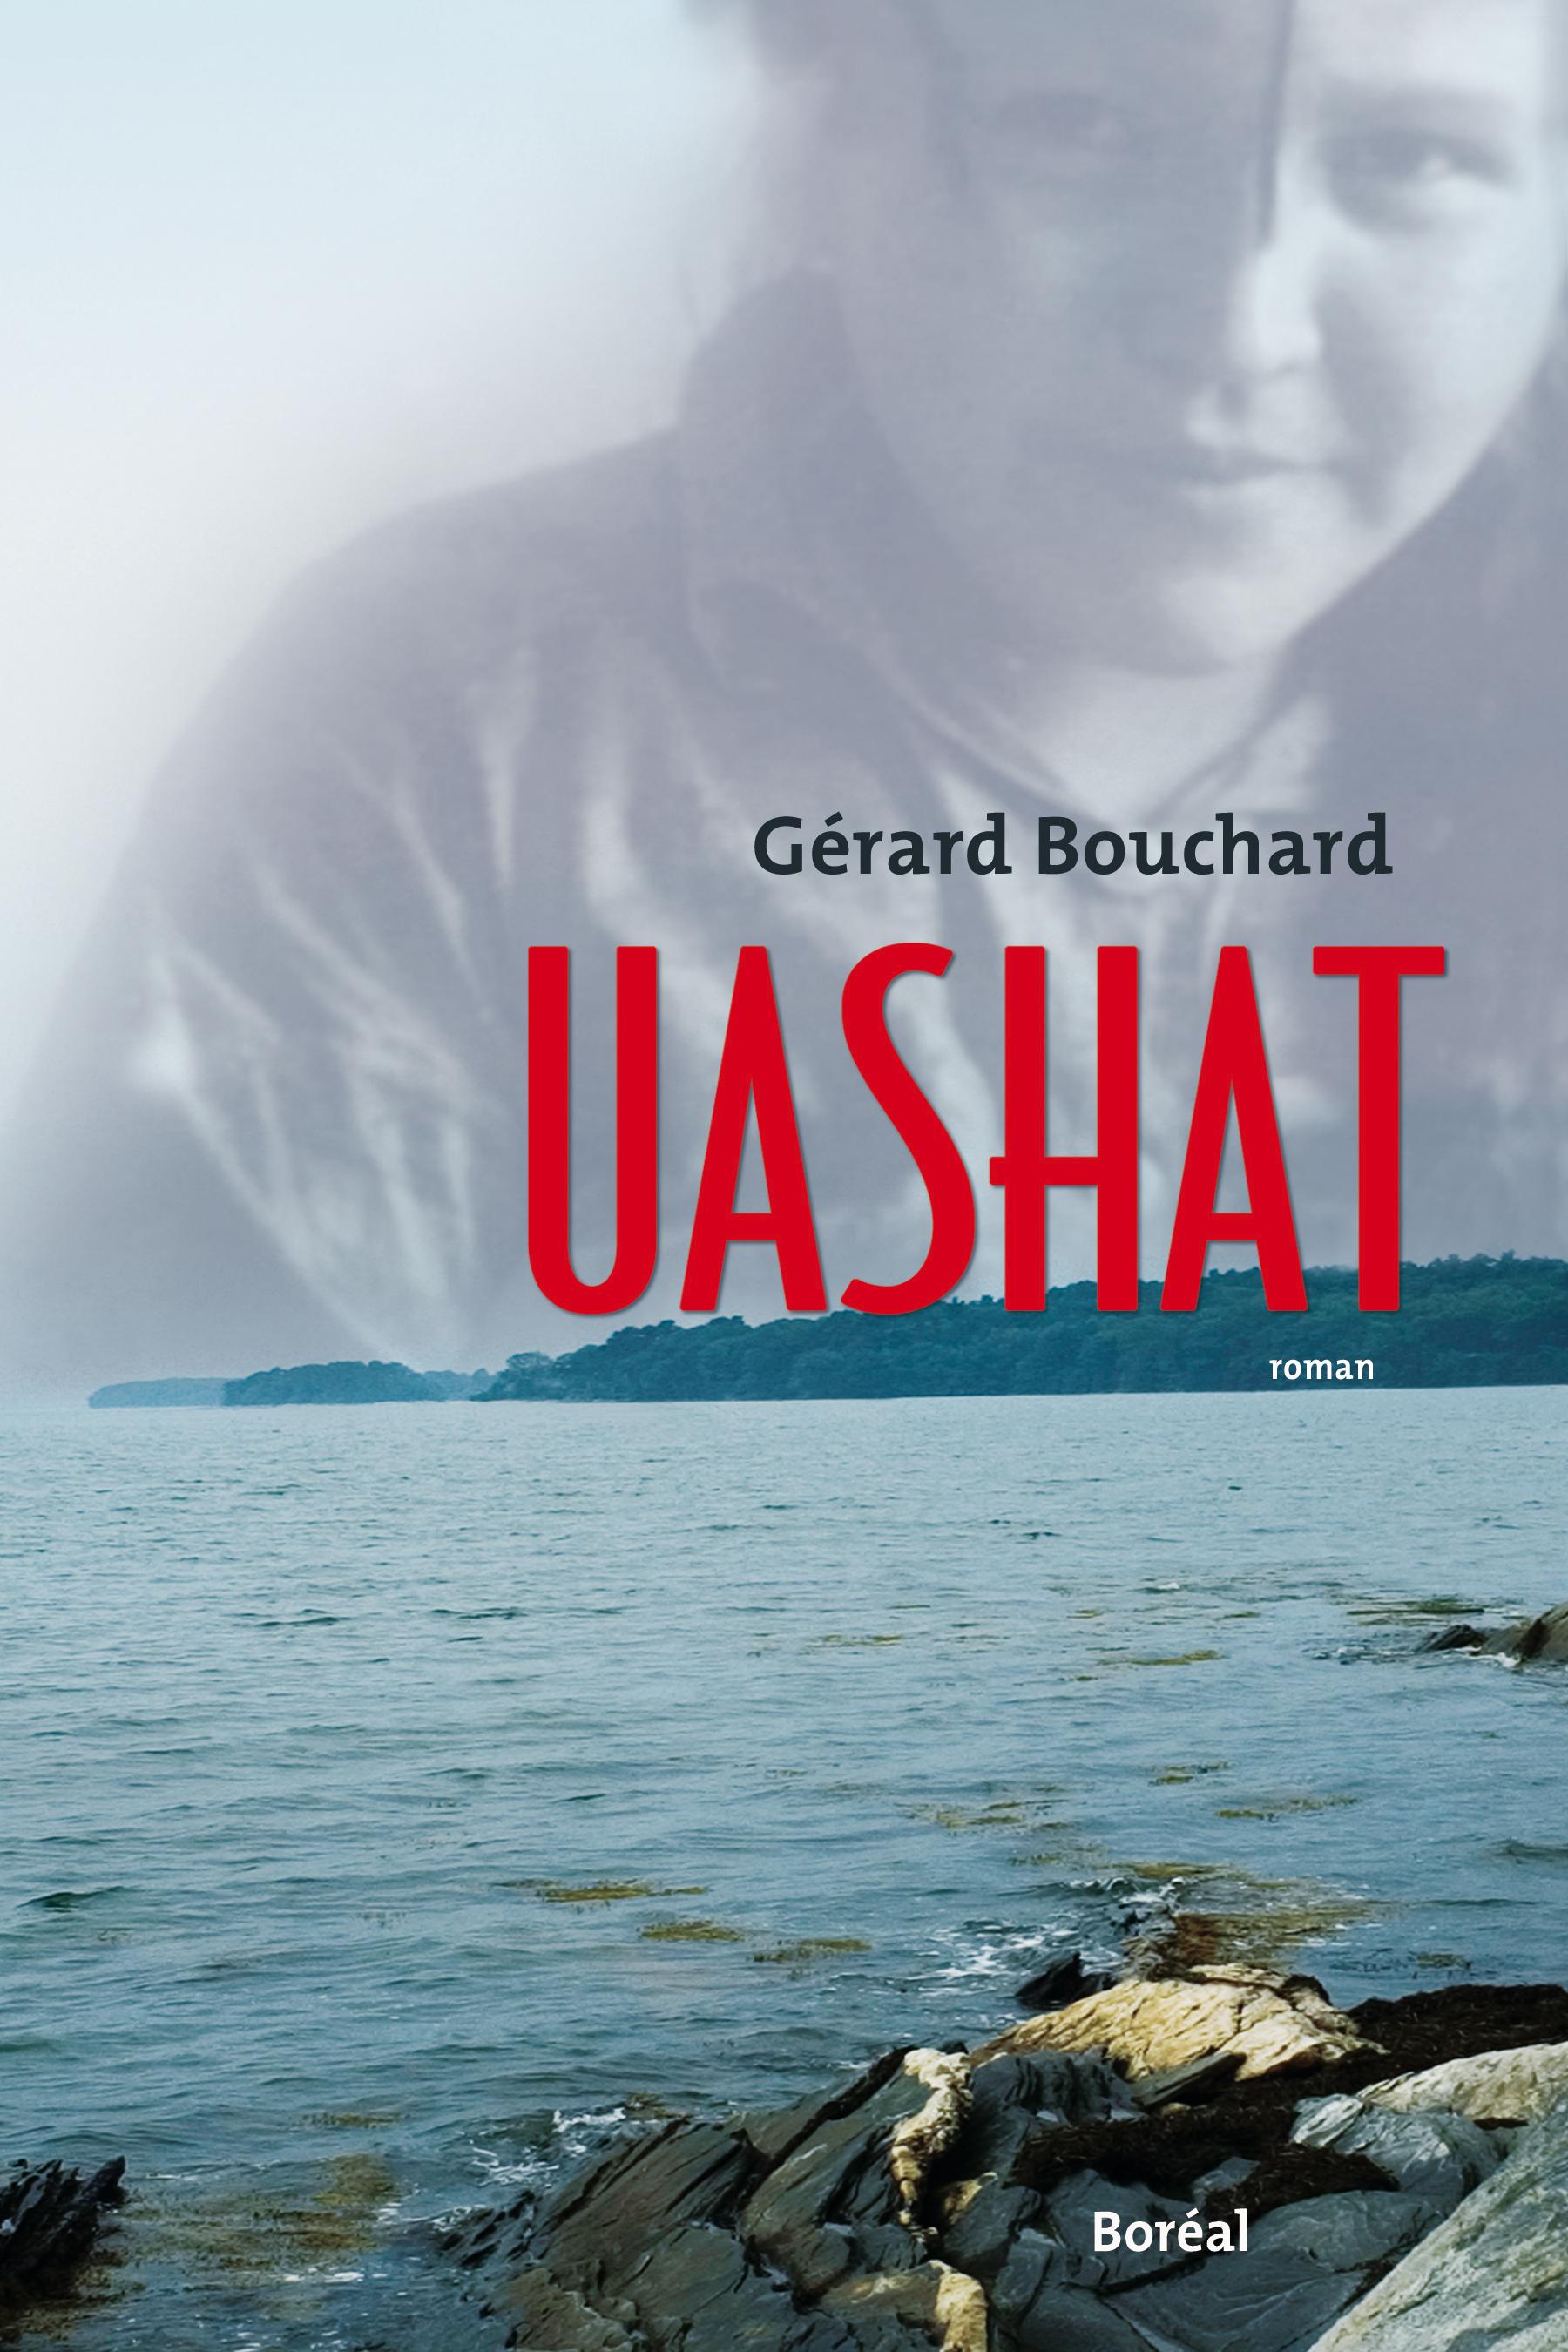 Uashat